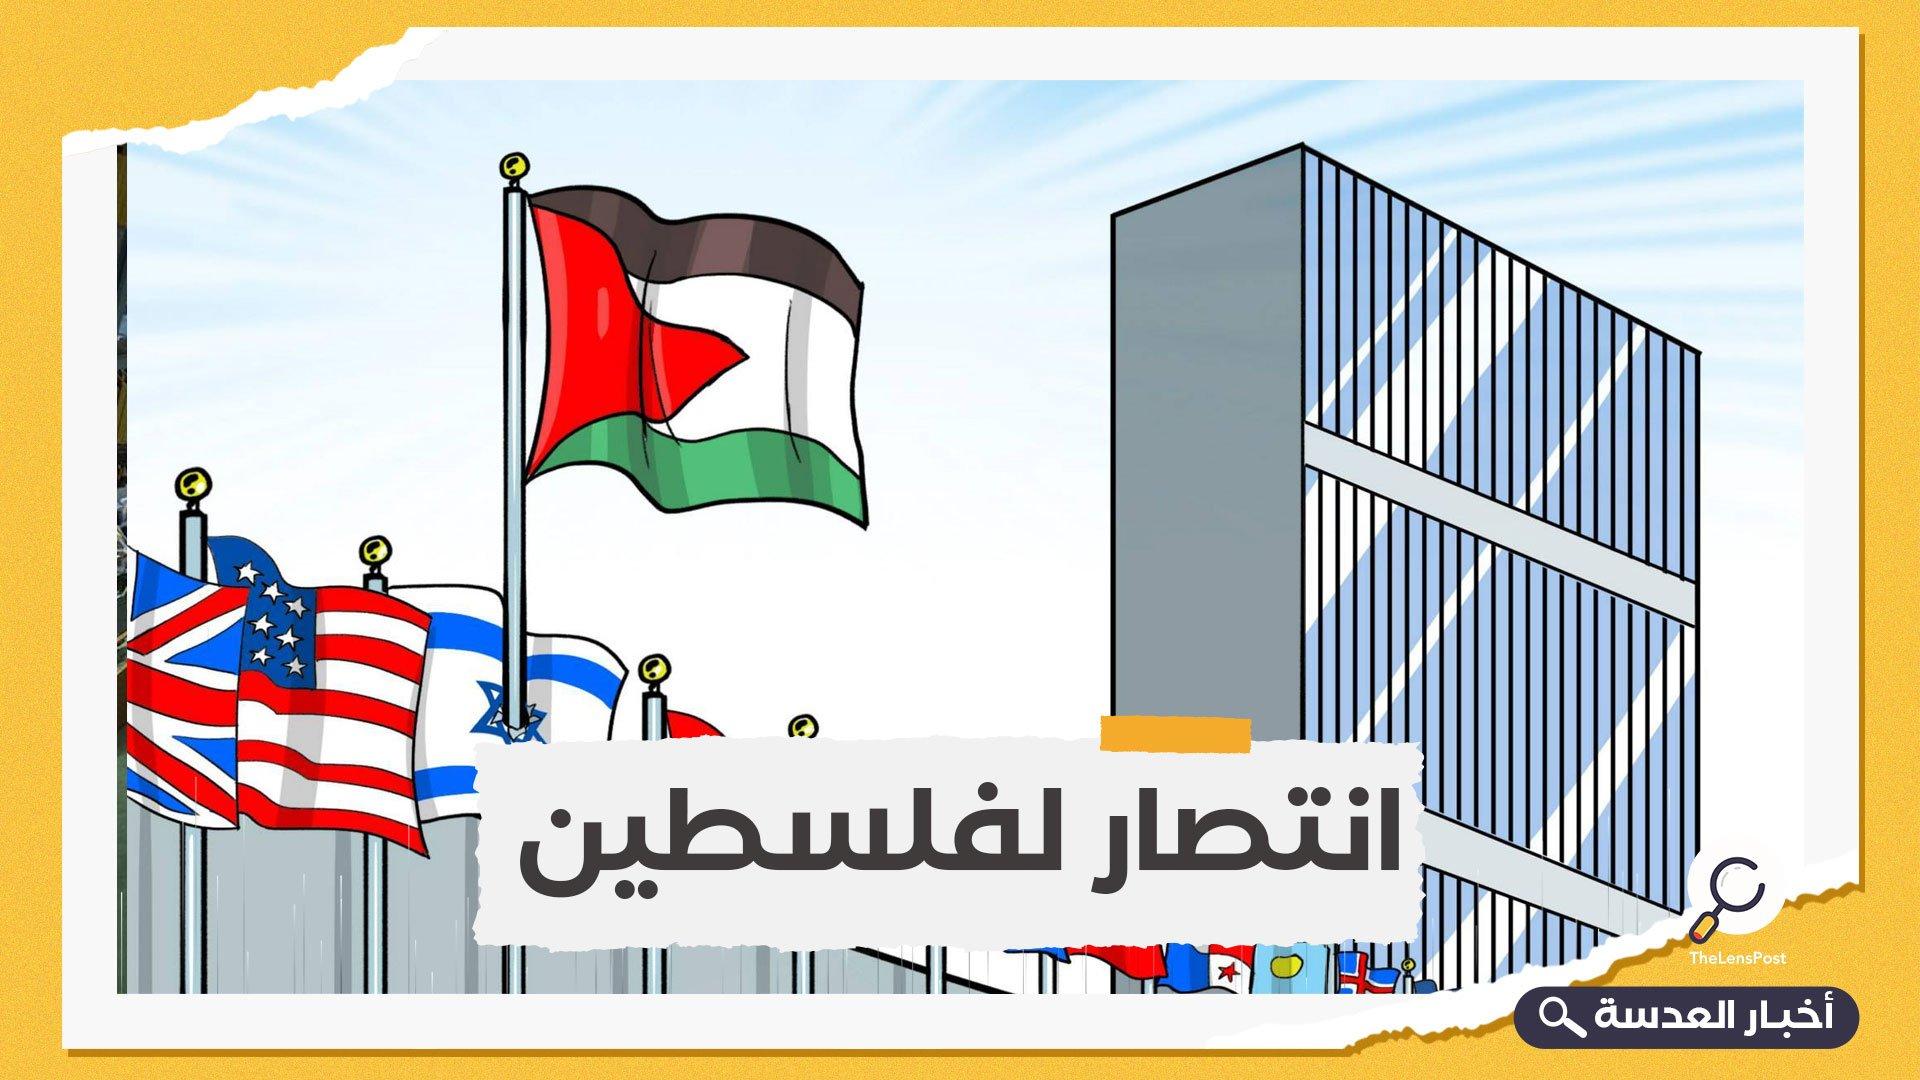 انتصار حقوقي.. الأمم المتحدة تتبنى 6 قرارات لصالح فلسطين بأغلبية ساحقة